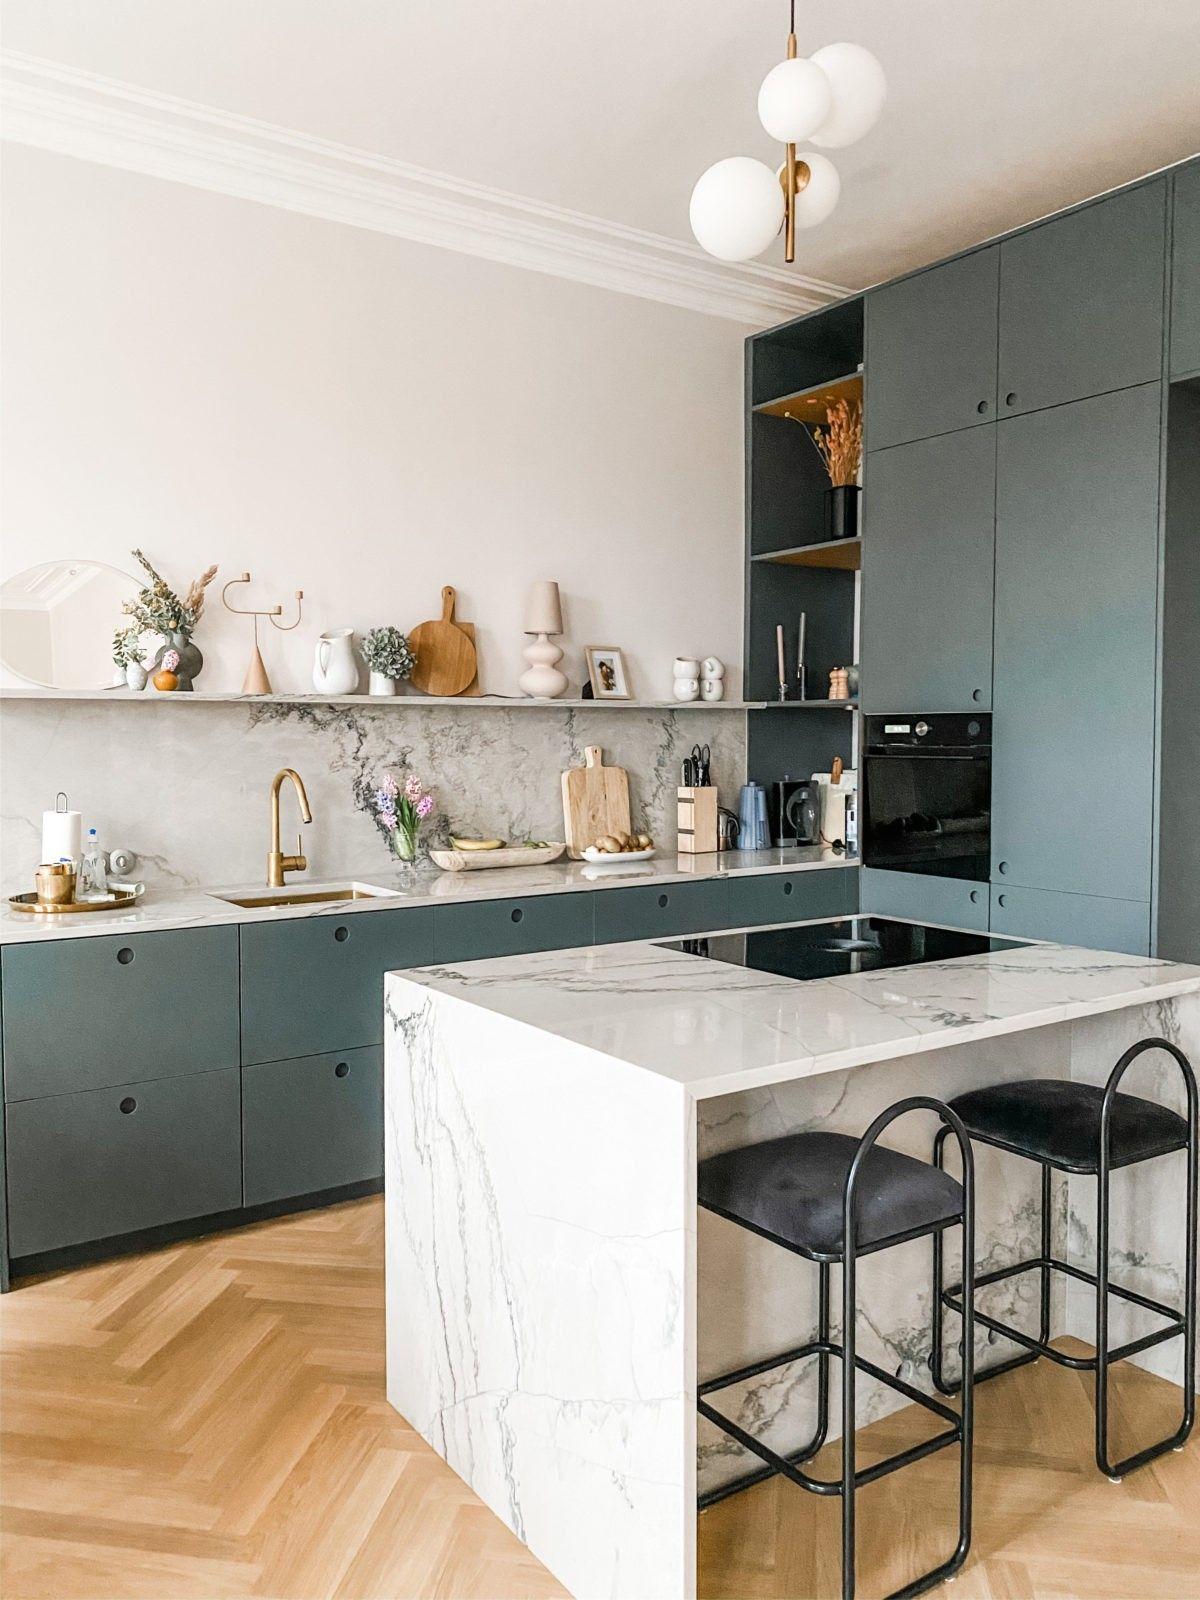 Épinglé par Maria Wirtz sur Küche en 15  Separation cuisine